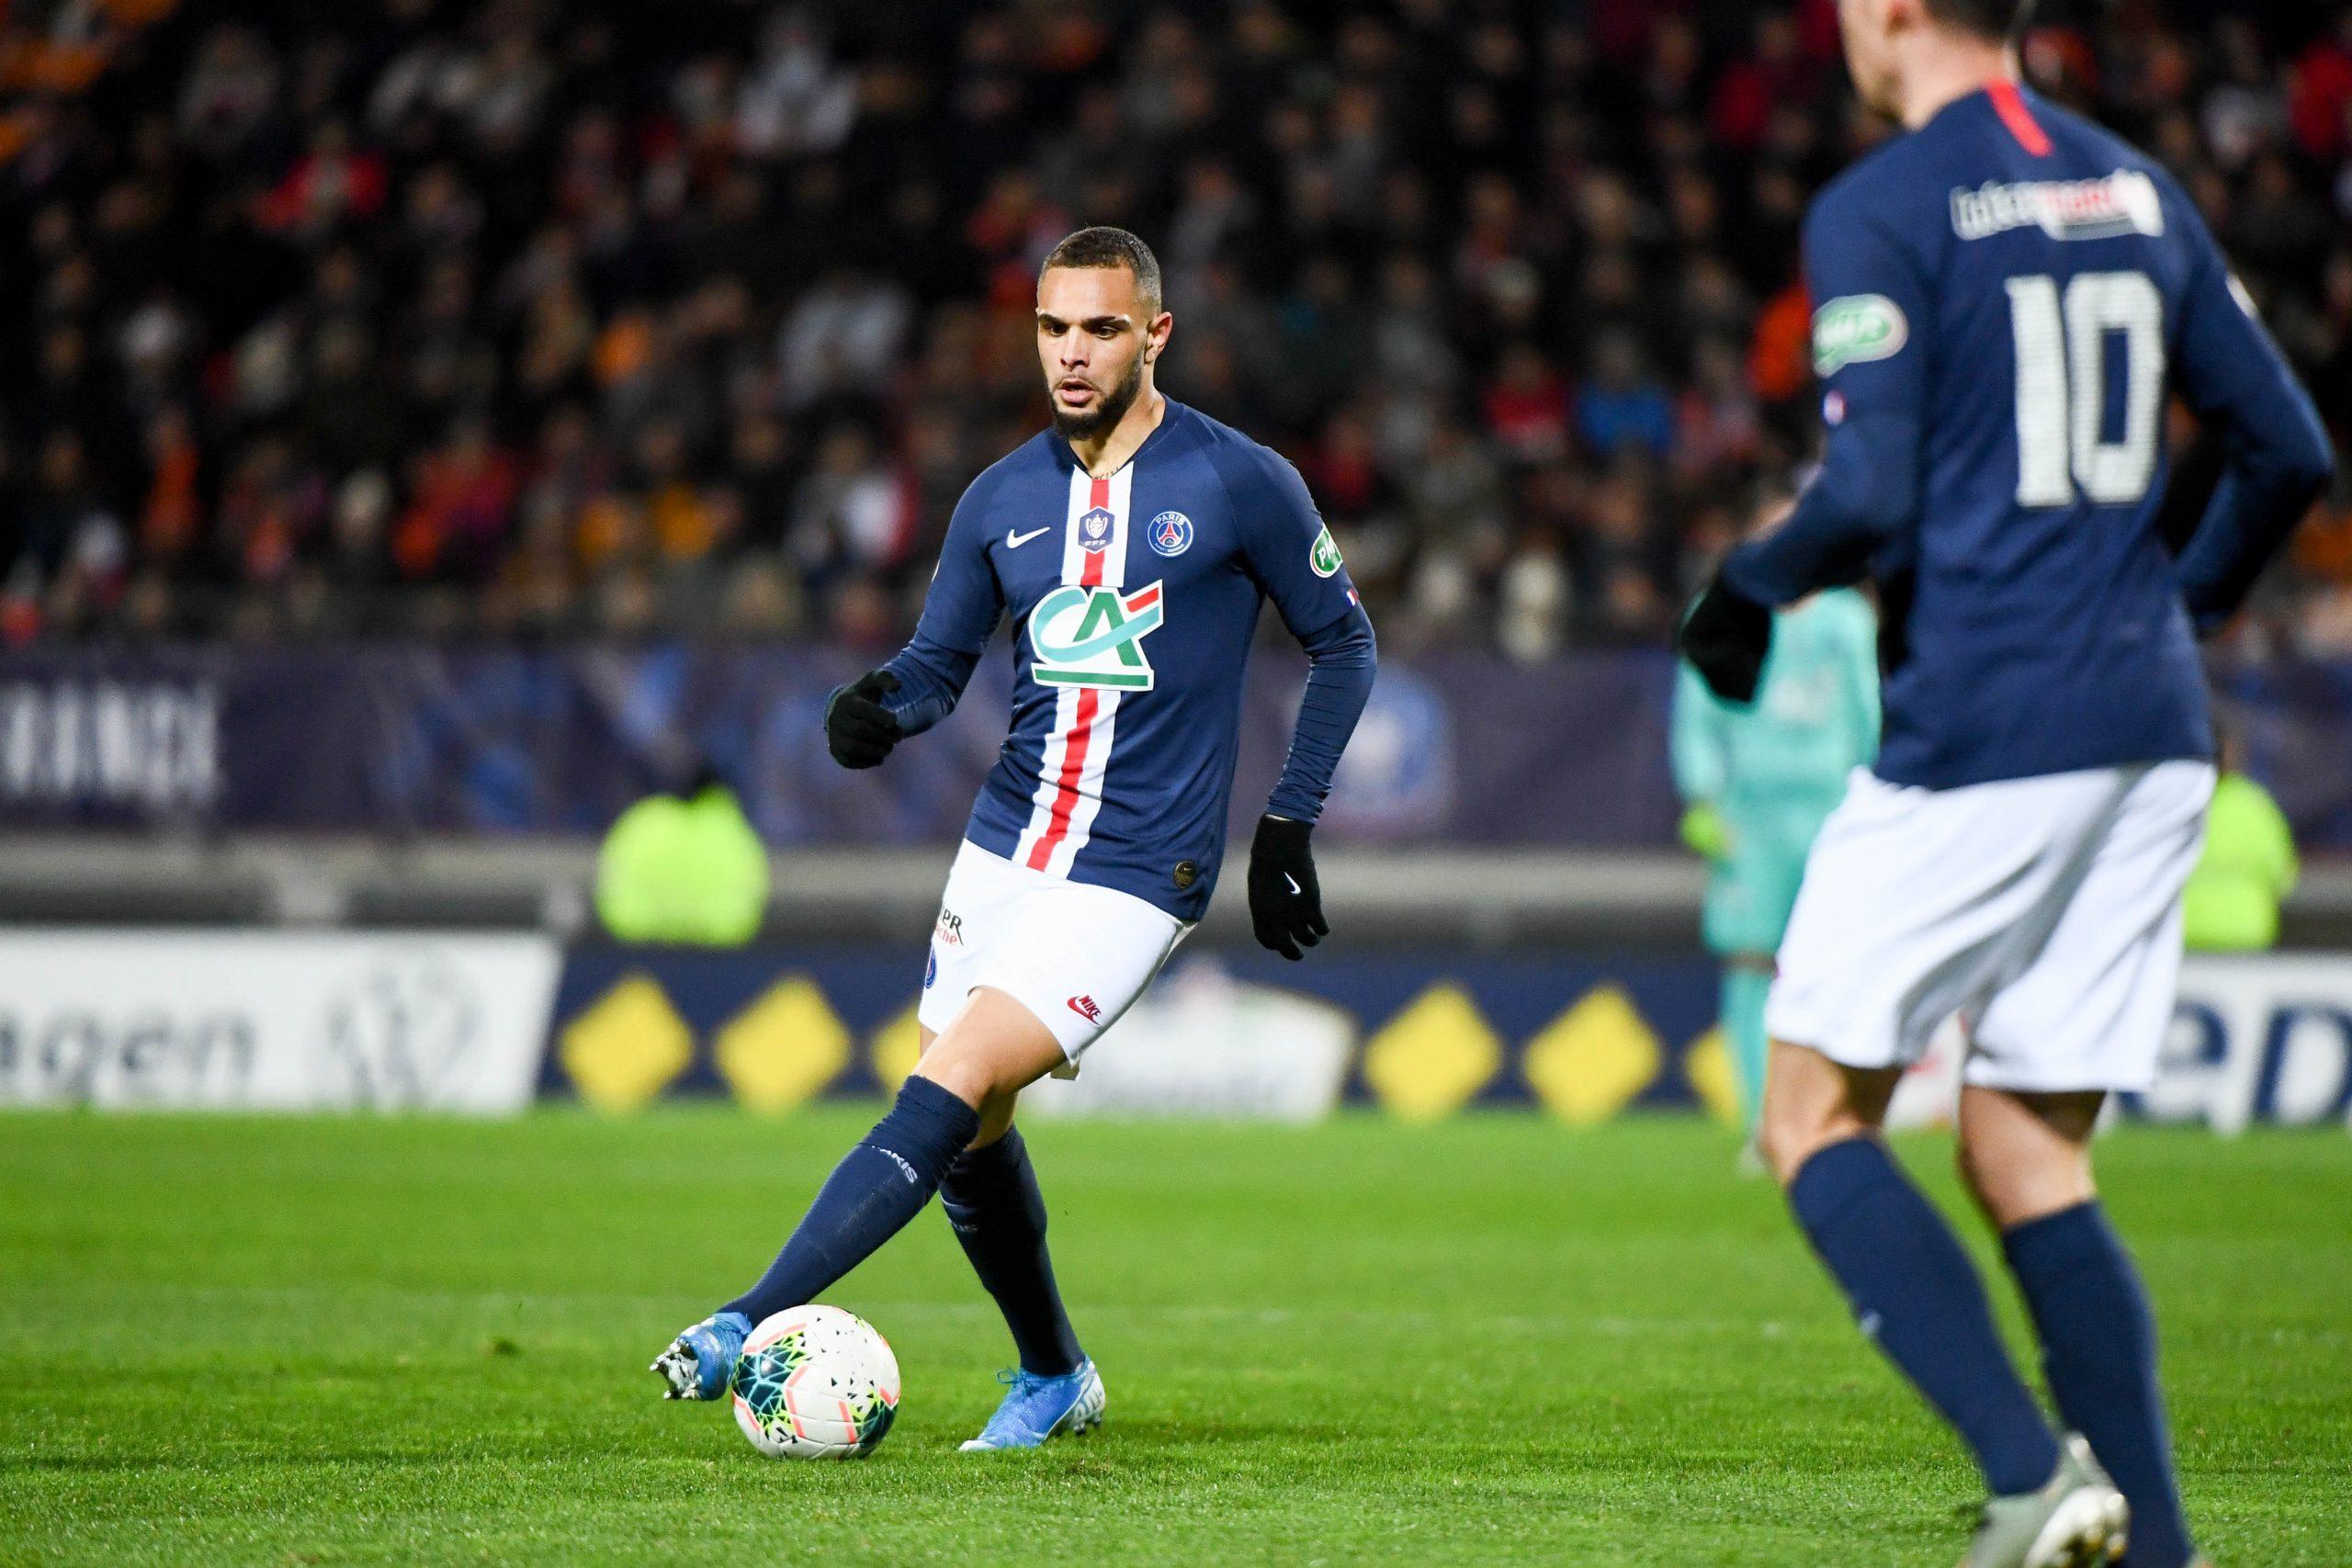 Mercato - Kurzawa est d'accord avec la Juventus, il manque celui avec le PSG d'après L'Equipe